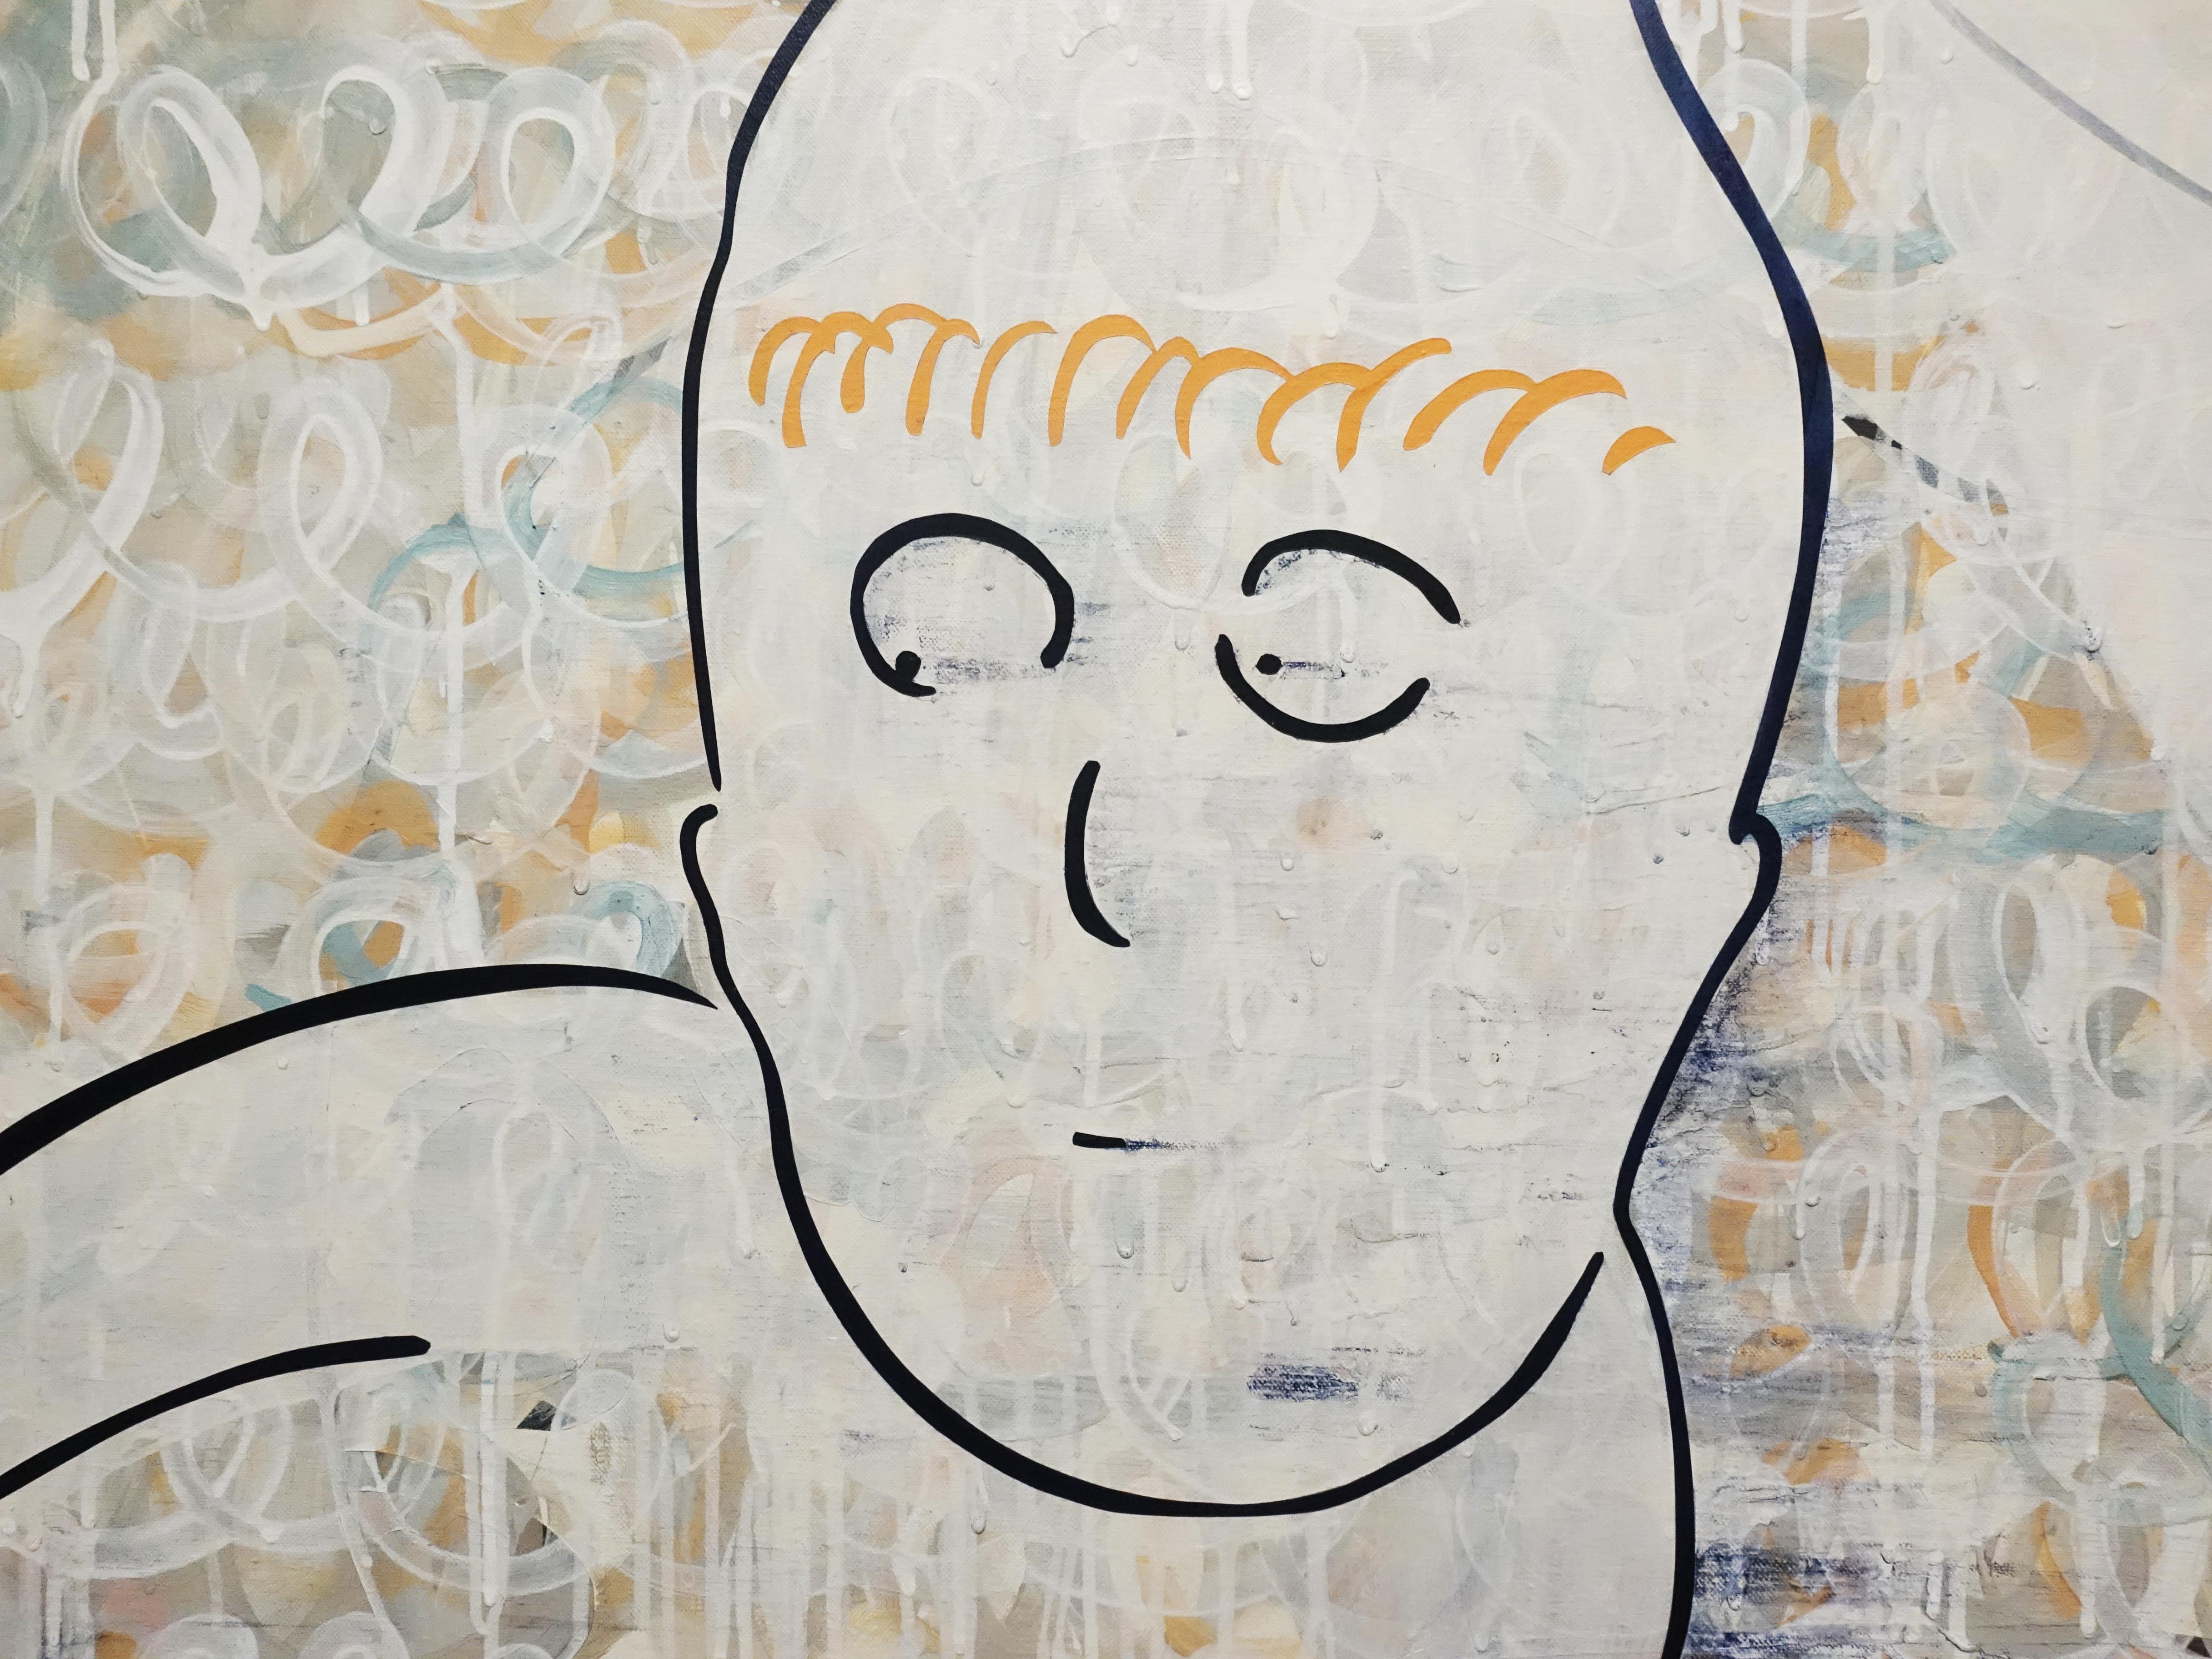 蕭筑方,《風吹的馬尾》,91 x 116.5 cm,壓克力顏料、畫布,2019。